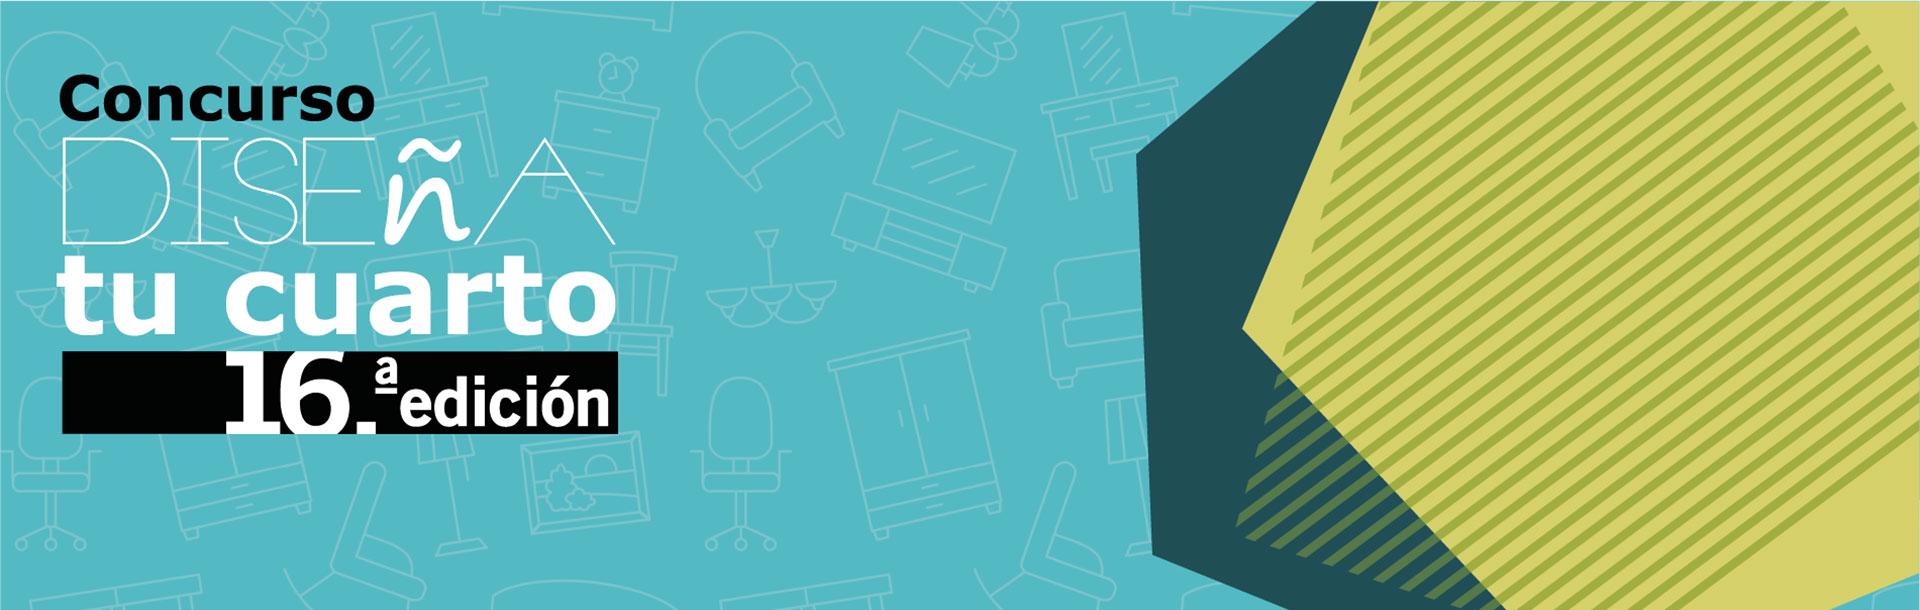 Concurso Diseña tu cuarto 2020